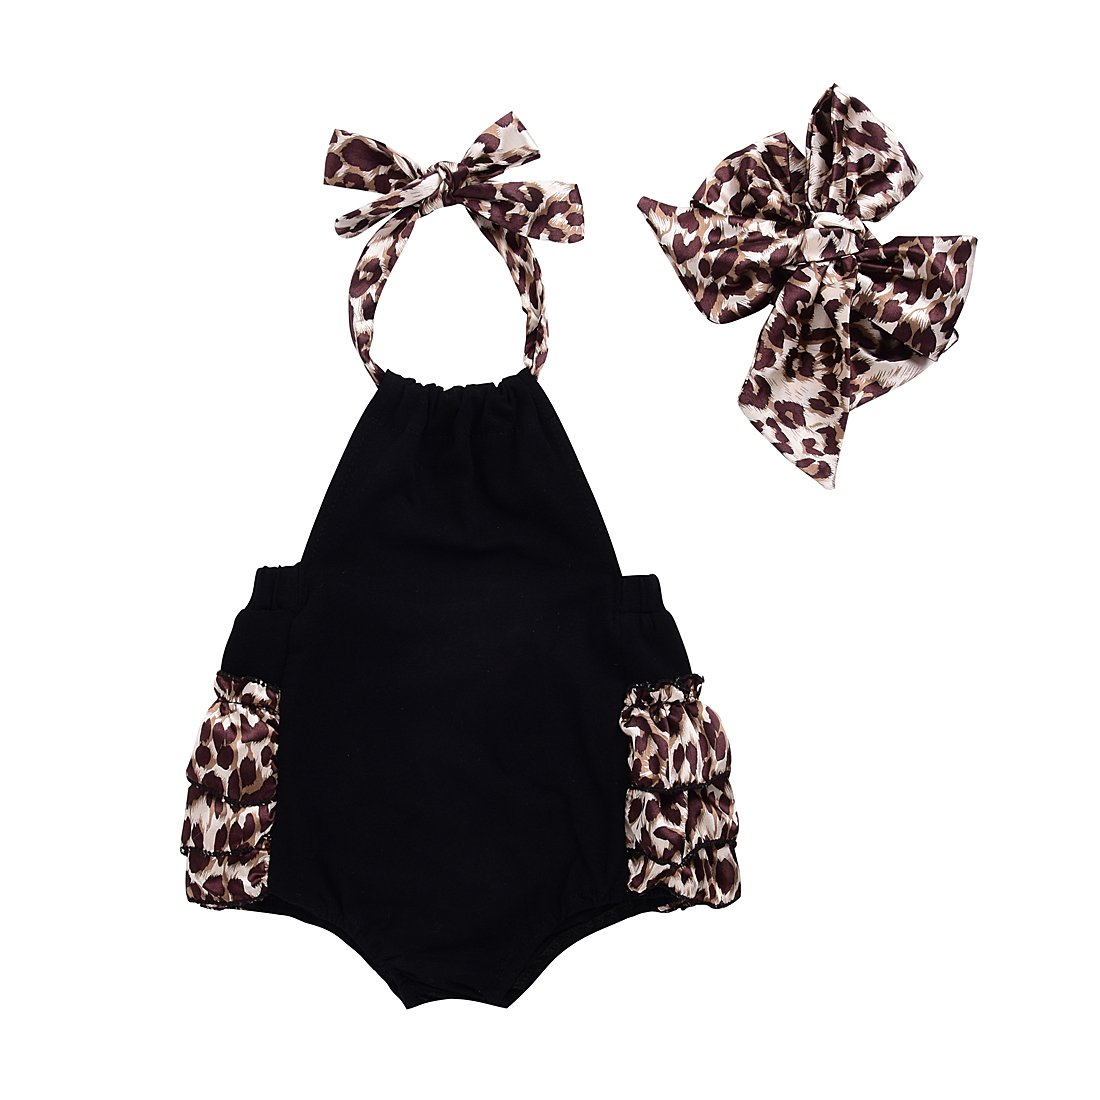 【海外 正規品】 Baby B071L4T5HV Girls Baby LovelyホルターバックレスLeopardフリルone-piecesボディスーツとヘッドバンド B071L4T5HV Black&leopard 0 - - 3 Months 0 - 3 Months|Black&leopard, アドヴァンス ジャパン:ed7a03b7 --- svecha37.ru